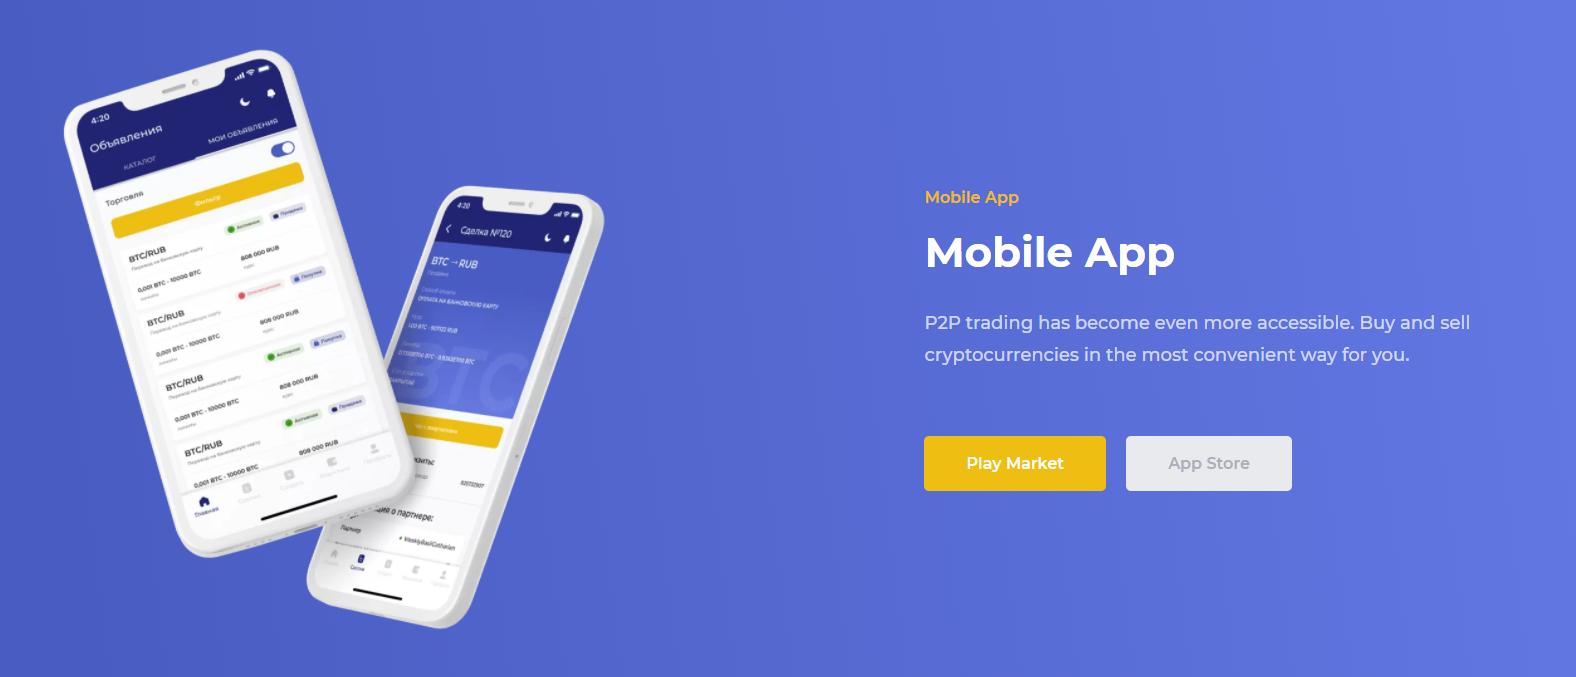 Bitzlato Mobile Support